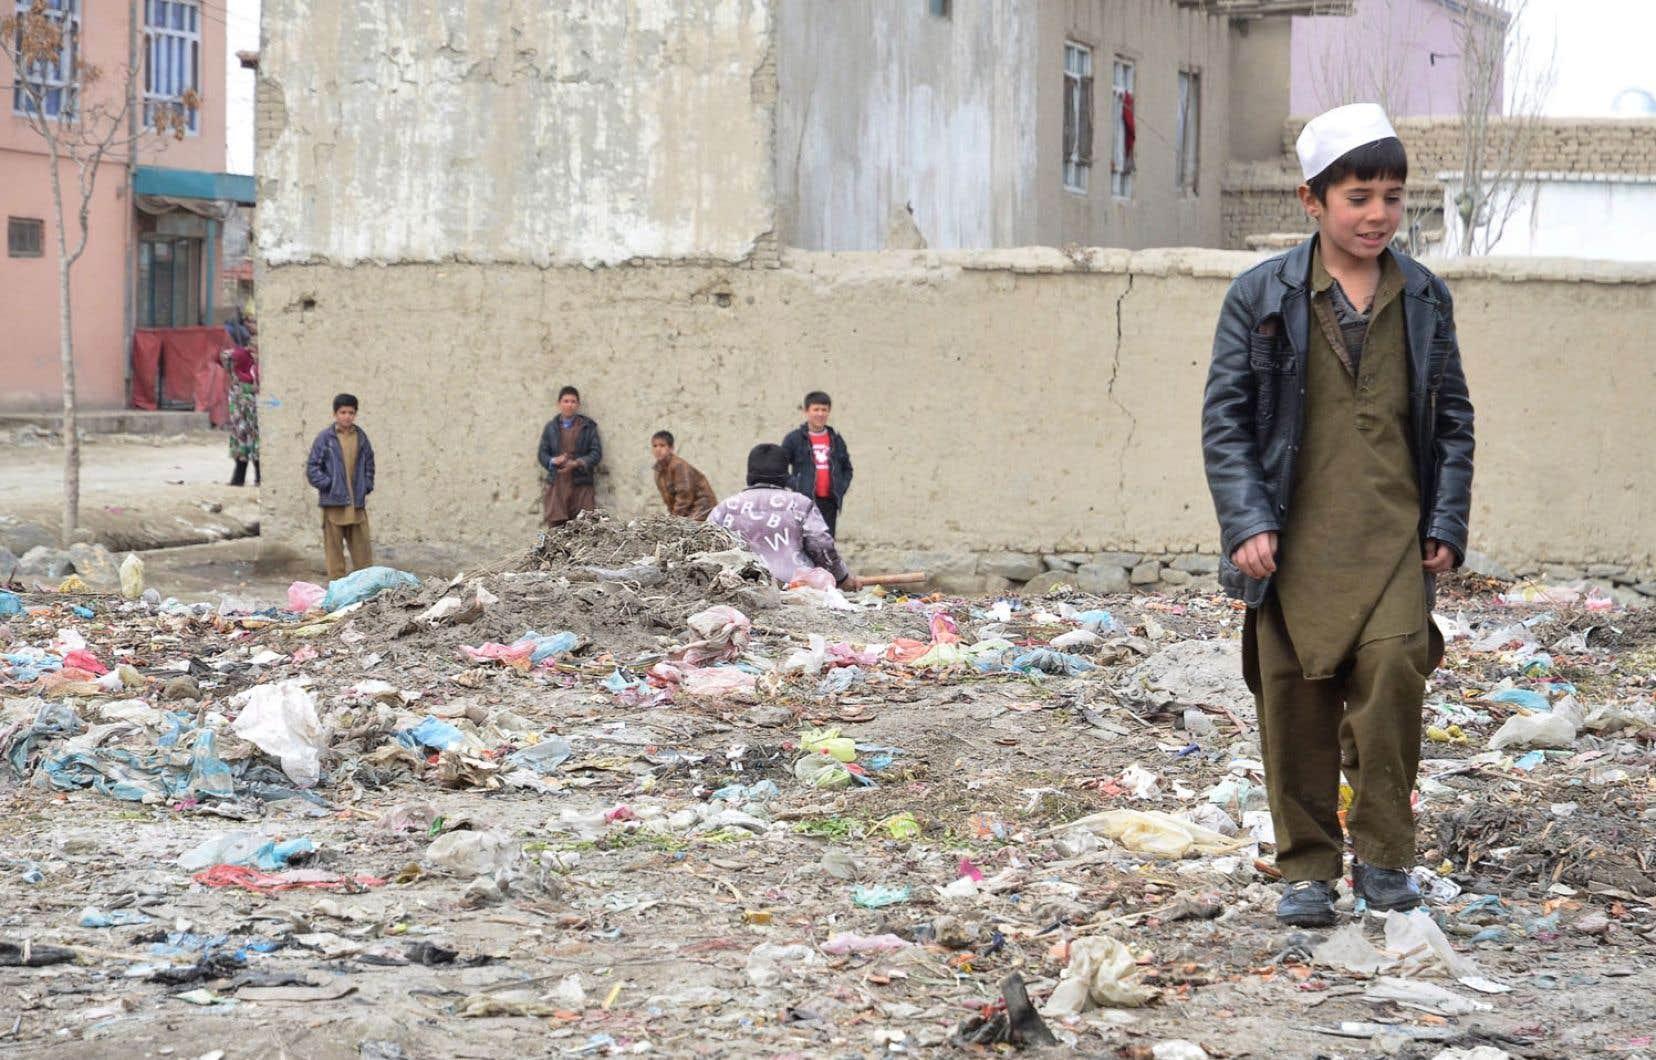 À Kaboul, l'économie dévastée prédit des lendemains difficiles aux habitants. Ci-dessus, des enfants jouent sur un terrain vague.